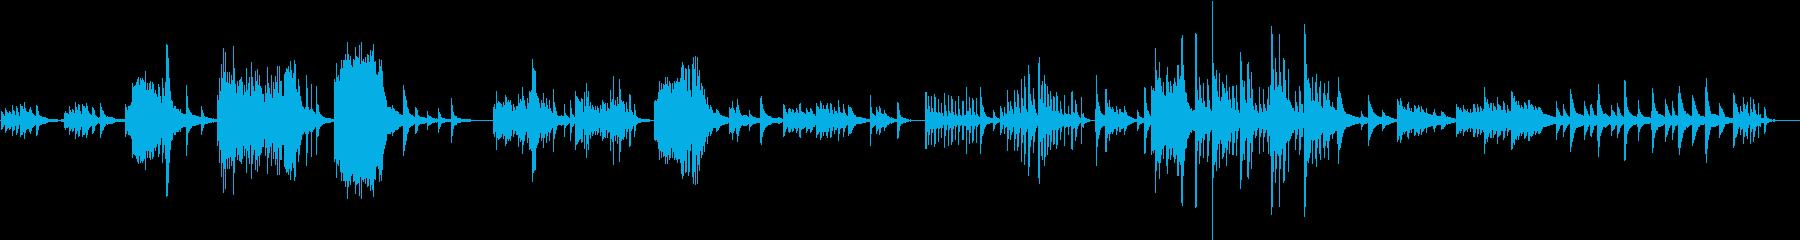 心の葛藤をドラマティックに演出するピアノの再生済みの波形